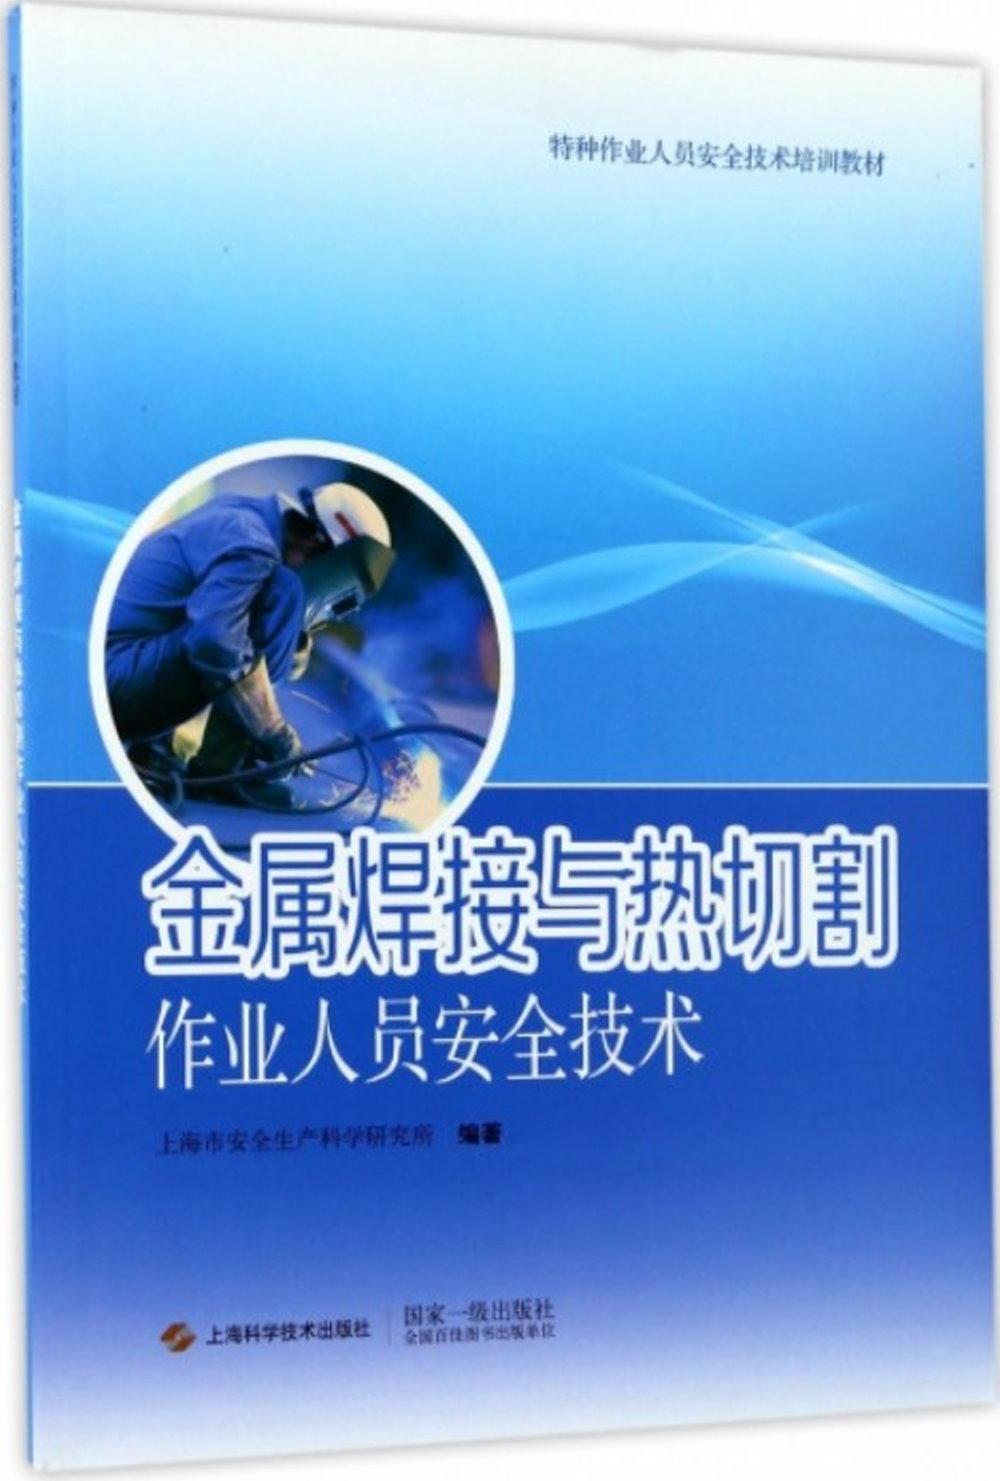 金屬焊接與熱切割作業人員安全技術